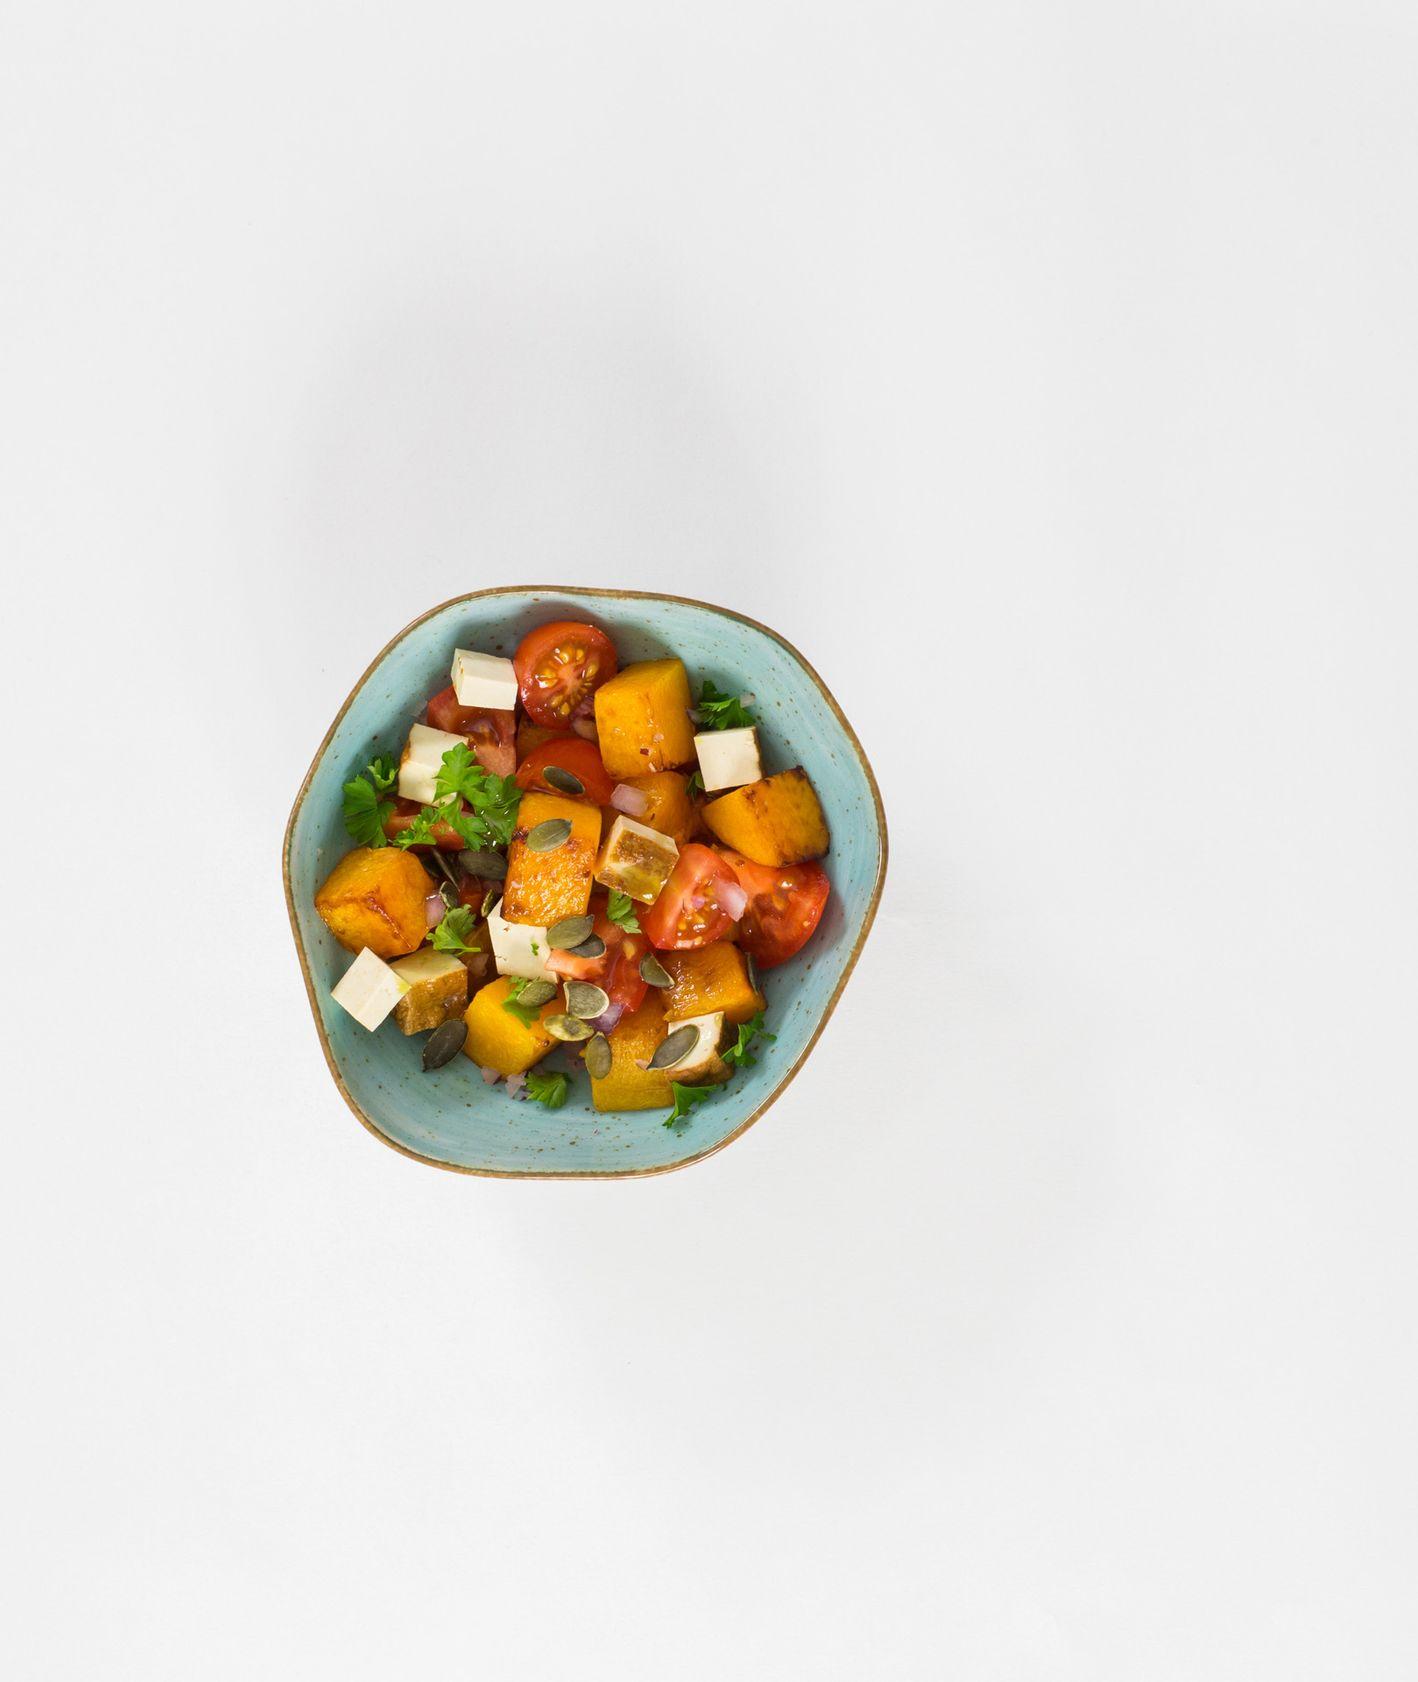 Przepis na pieczoną dynię z tofu i pomidorami, pomysł na ciekawą sałatkę (fot. Maciej Szczęśniak)